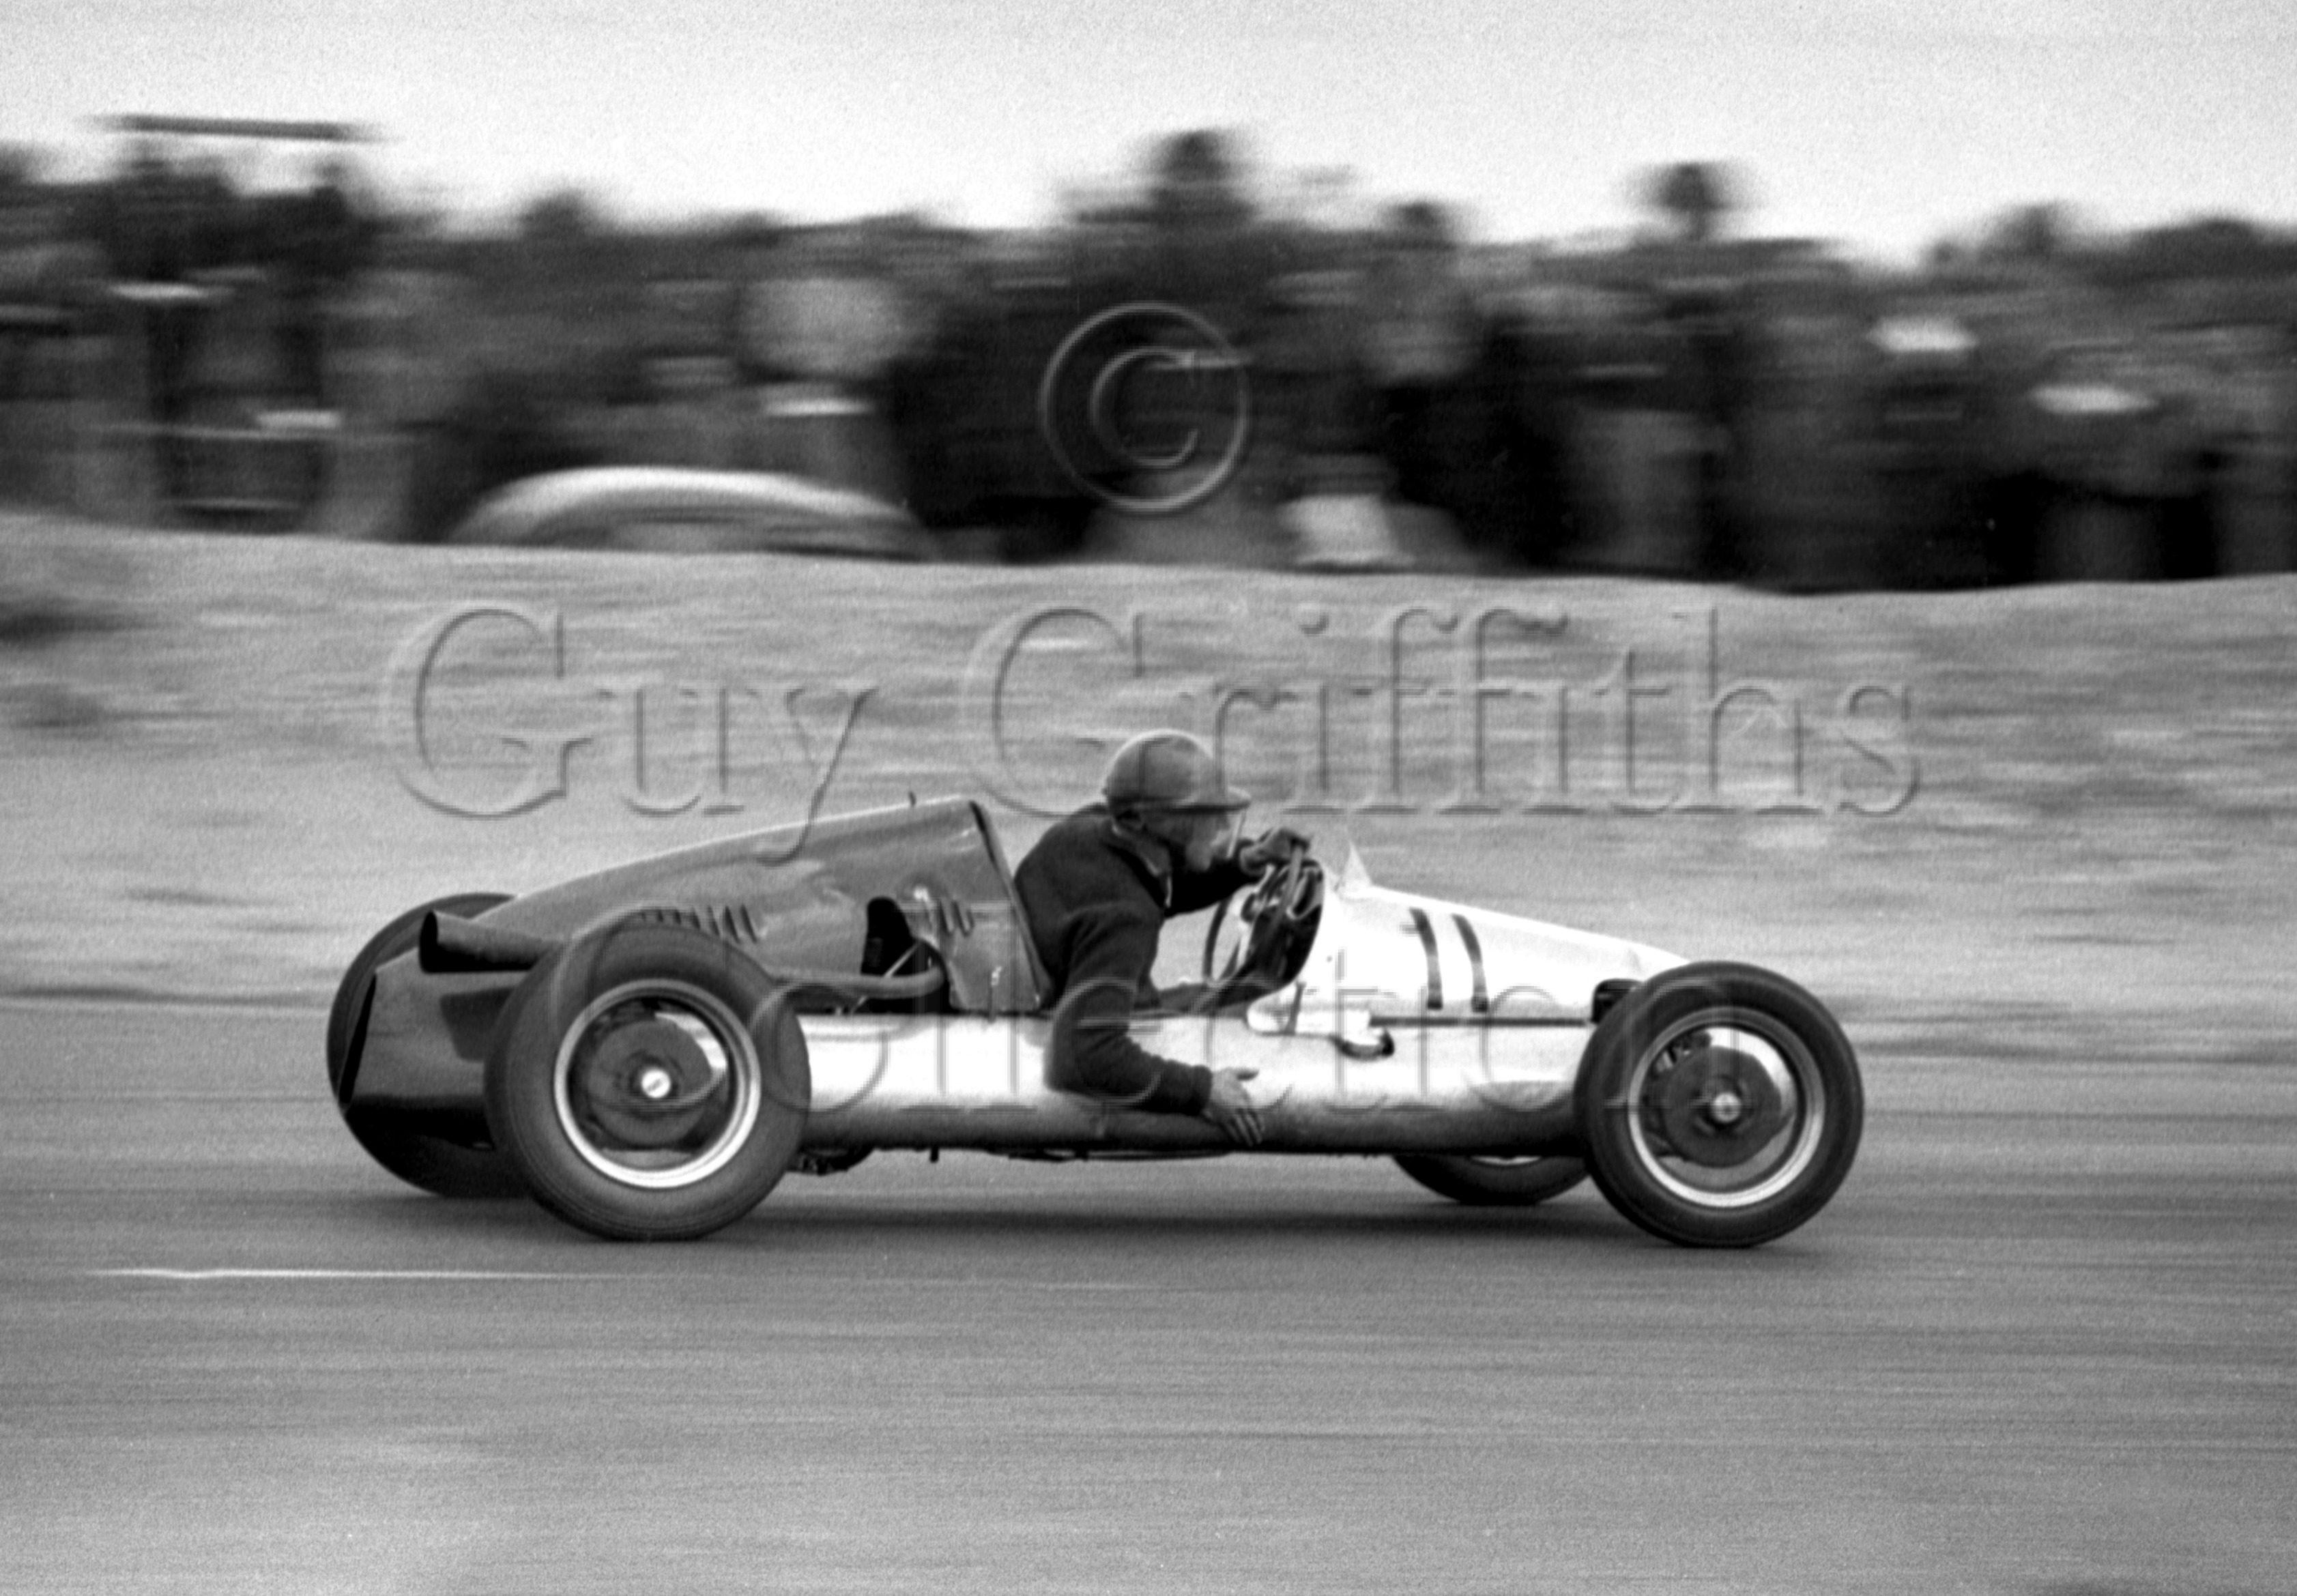 70-703–R-K-Tyrrell–Cooper–Snetterton–30-05-1953.jpg - The Guy Griffiths Collection